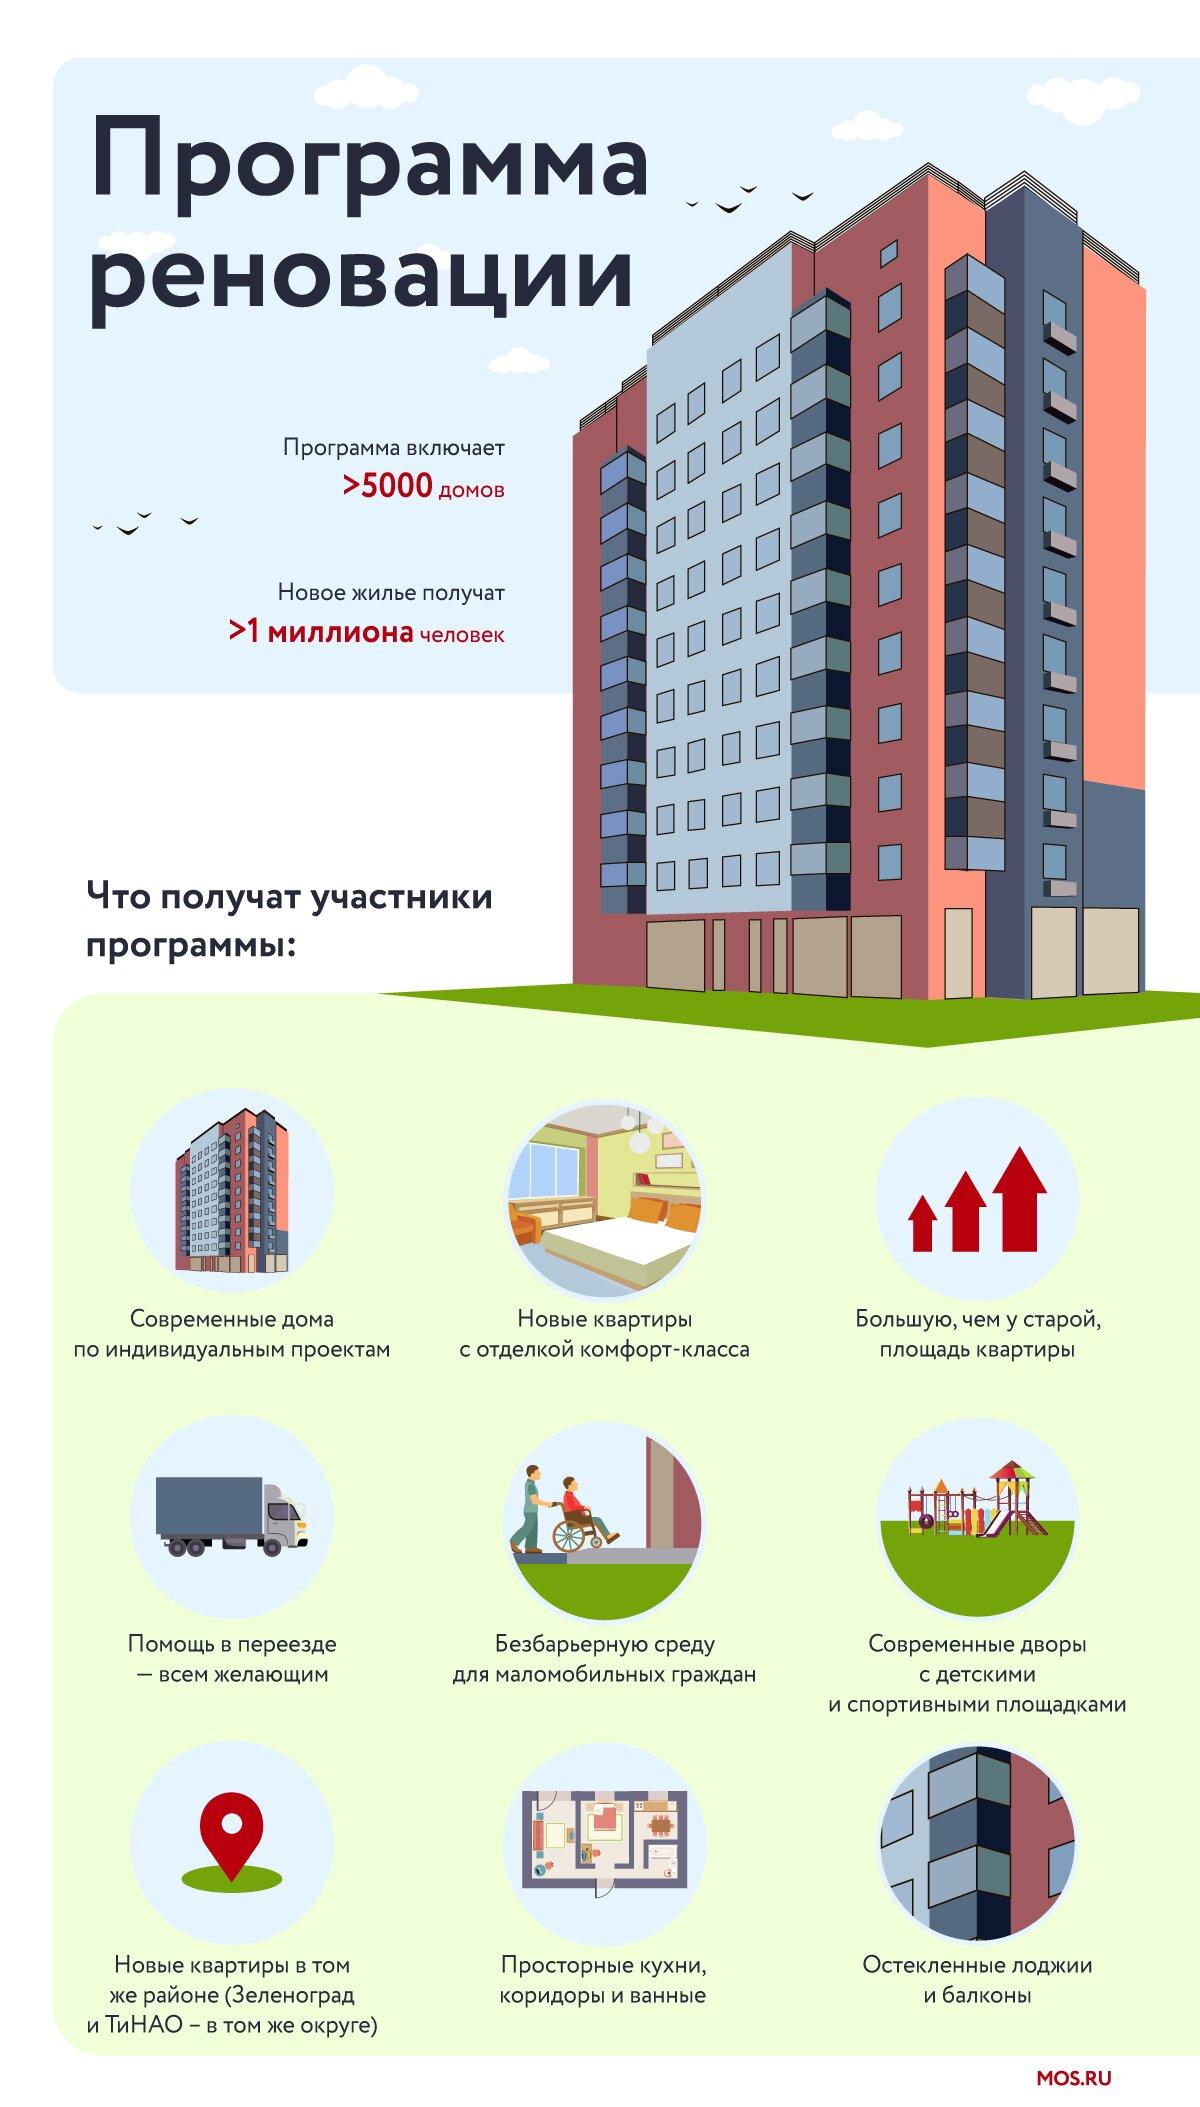 В столице построили один миллион квадратных метров жилья по программе реновации